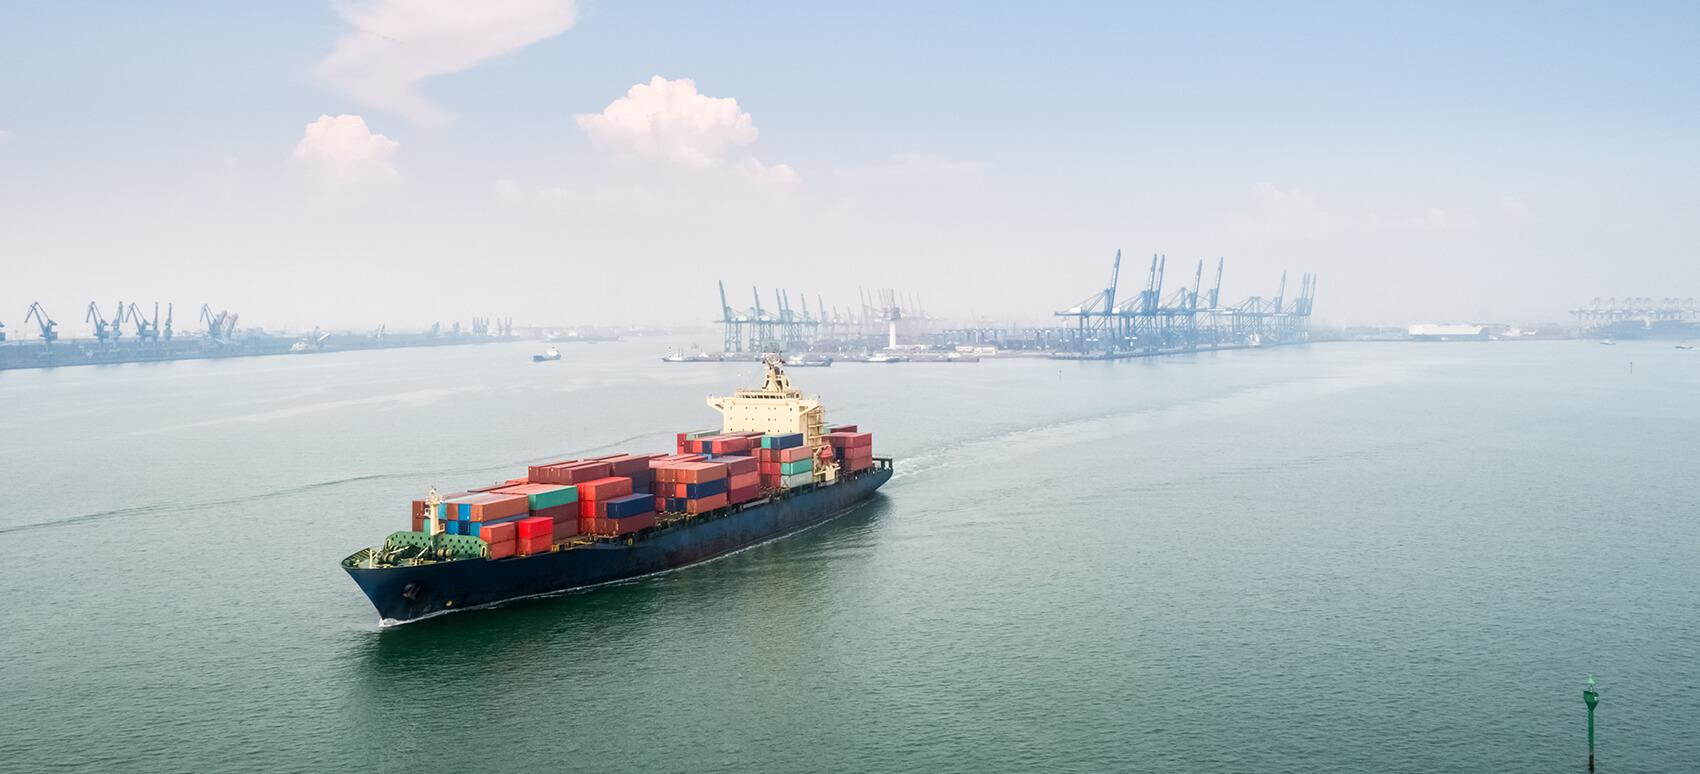 Flere ændringer i rederiernes sejlplaner skal give mere stabile transittider på import fra Asien